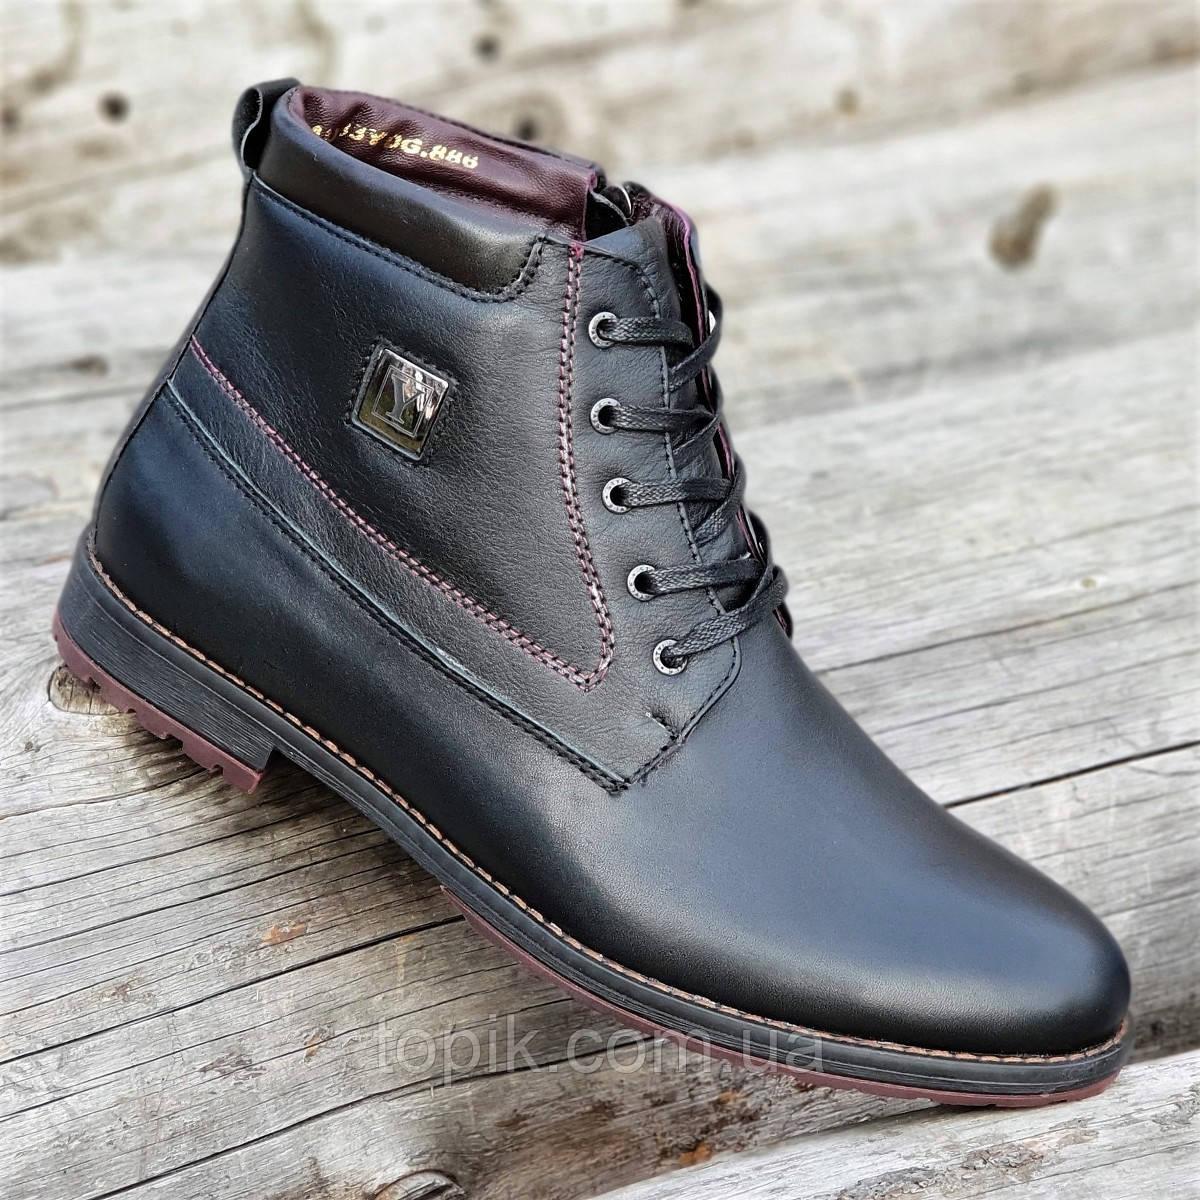 cd0858644 Мужские зимние ботинки классические на шнурках и молнии черные кожаные на  меху стильные (Код: